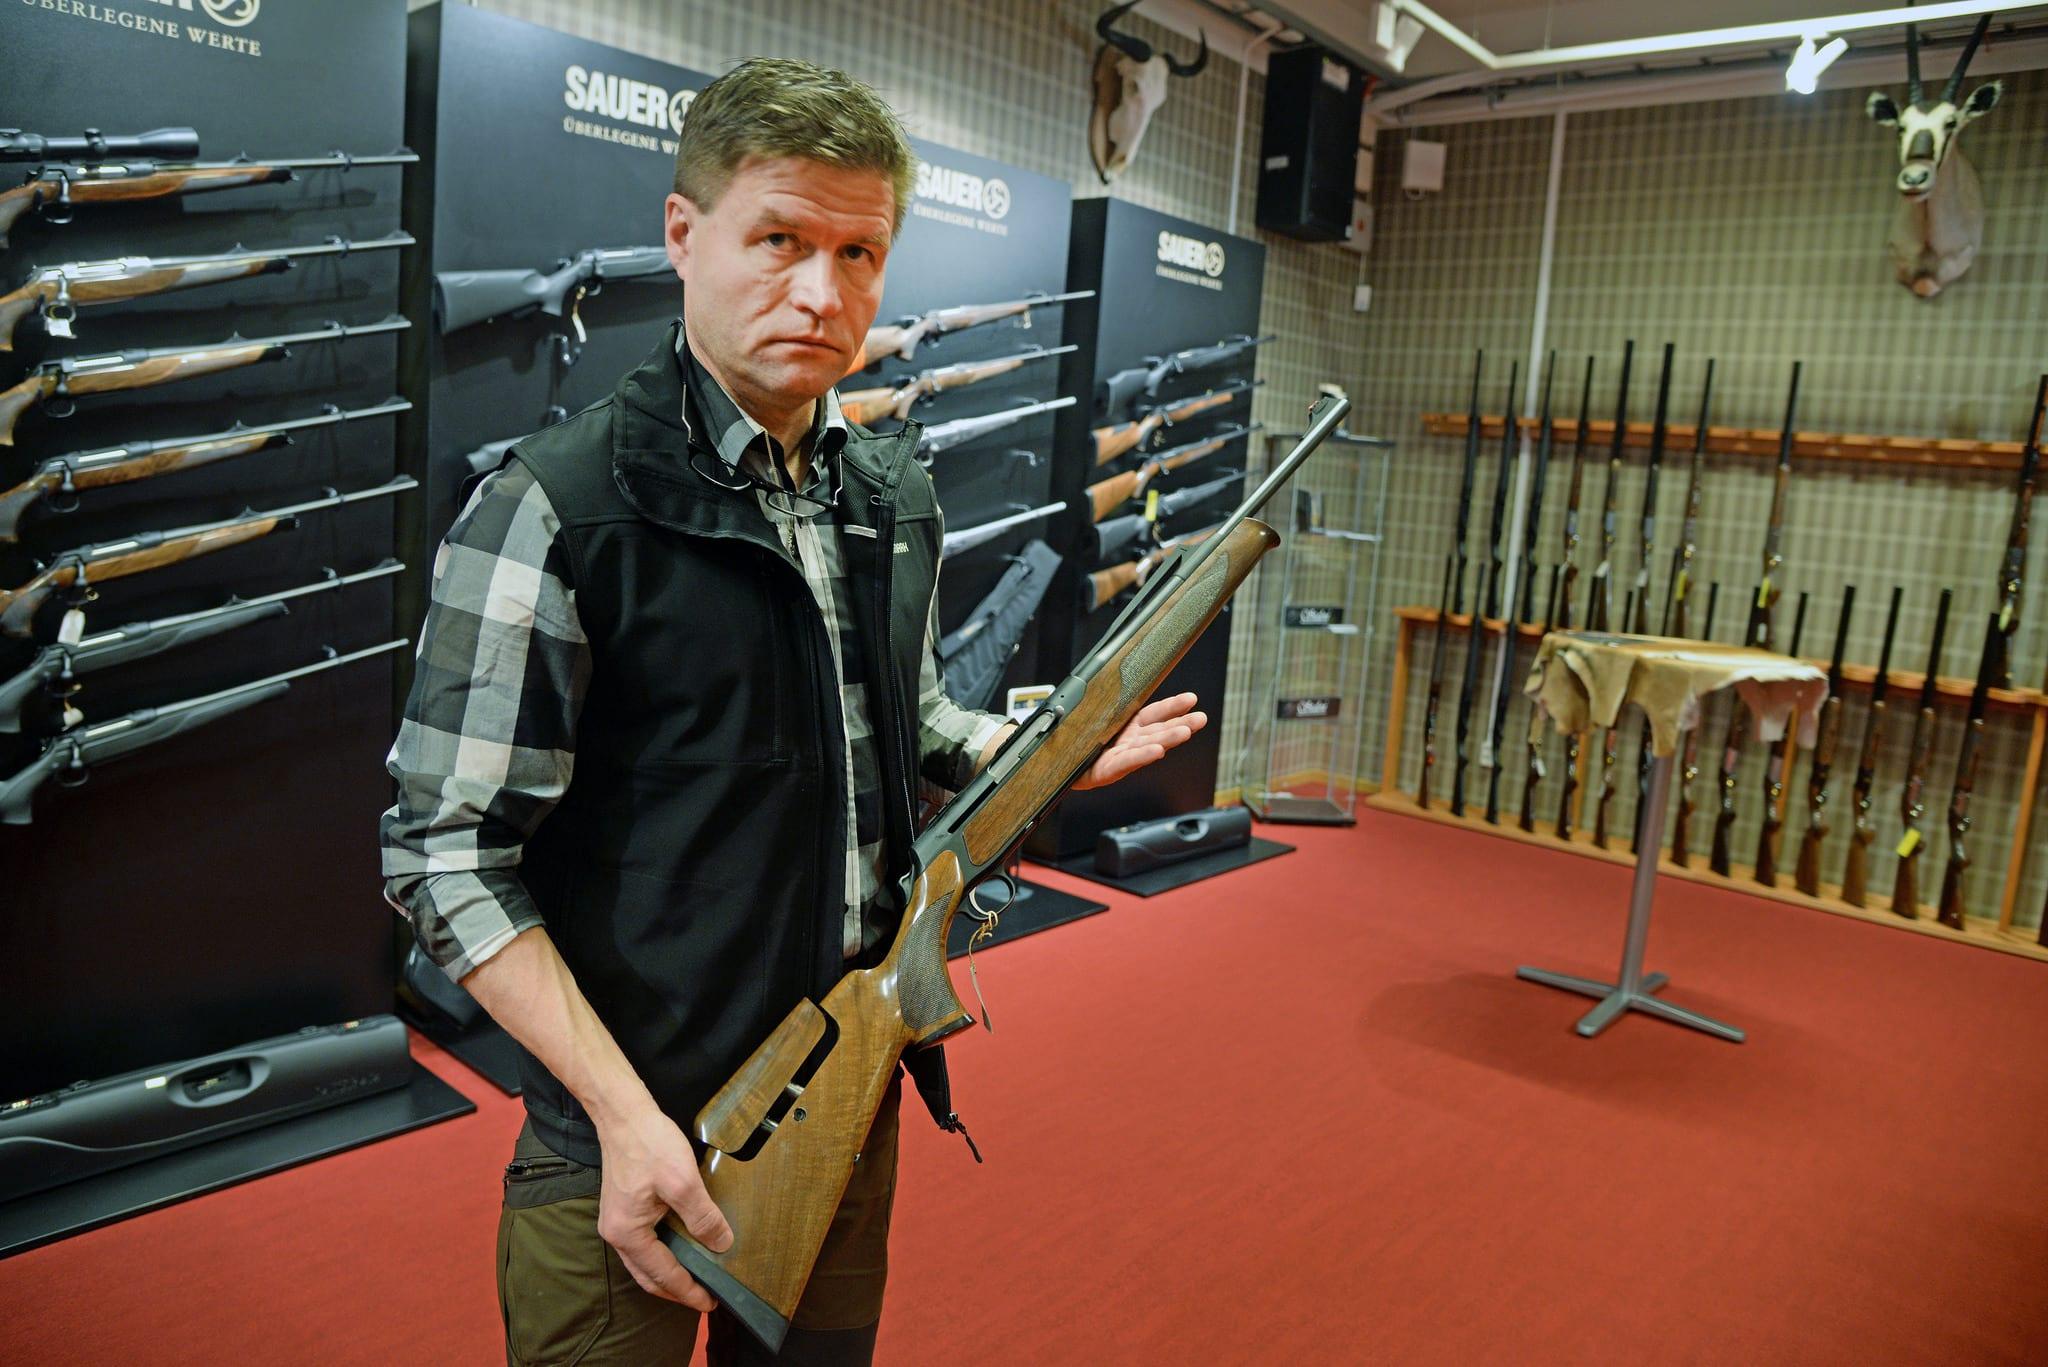 EU-kommissionens förslag om skärpt vapenlagstiftning slår fel och drabbar oskyldiga, menar Seved Viklund, som driver en jaktbutik i Piteå. Foto: Lars-Henrik Andersson